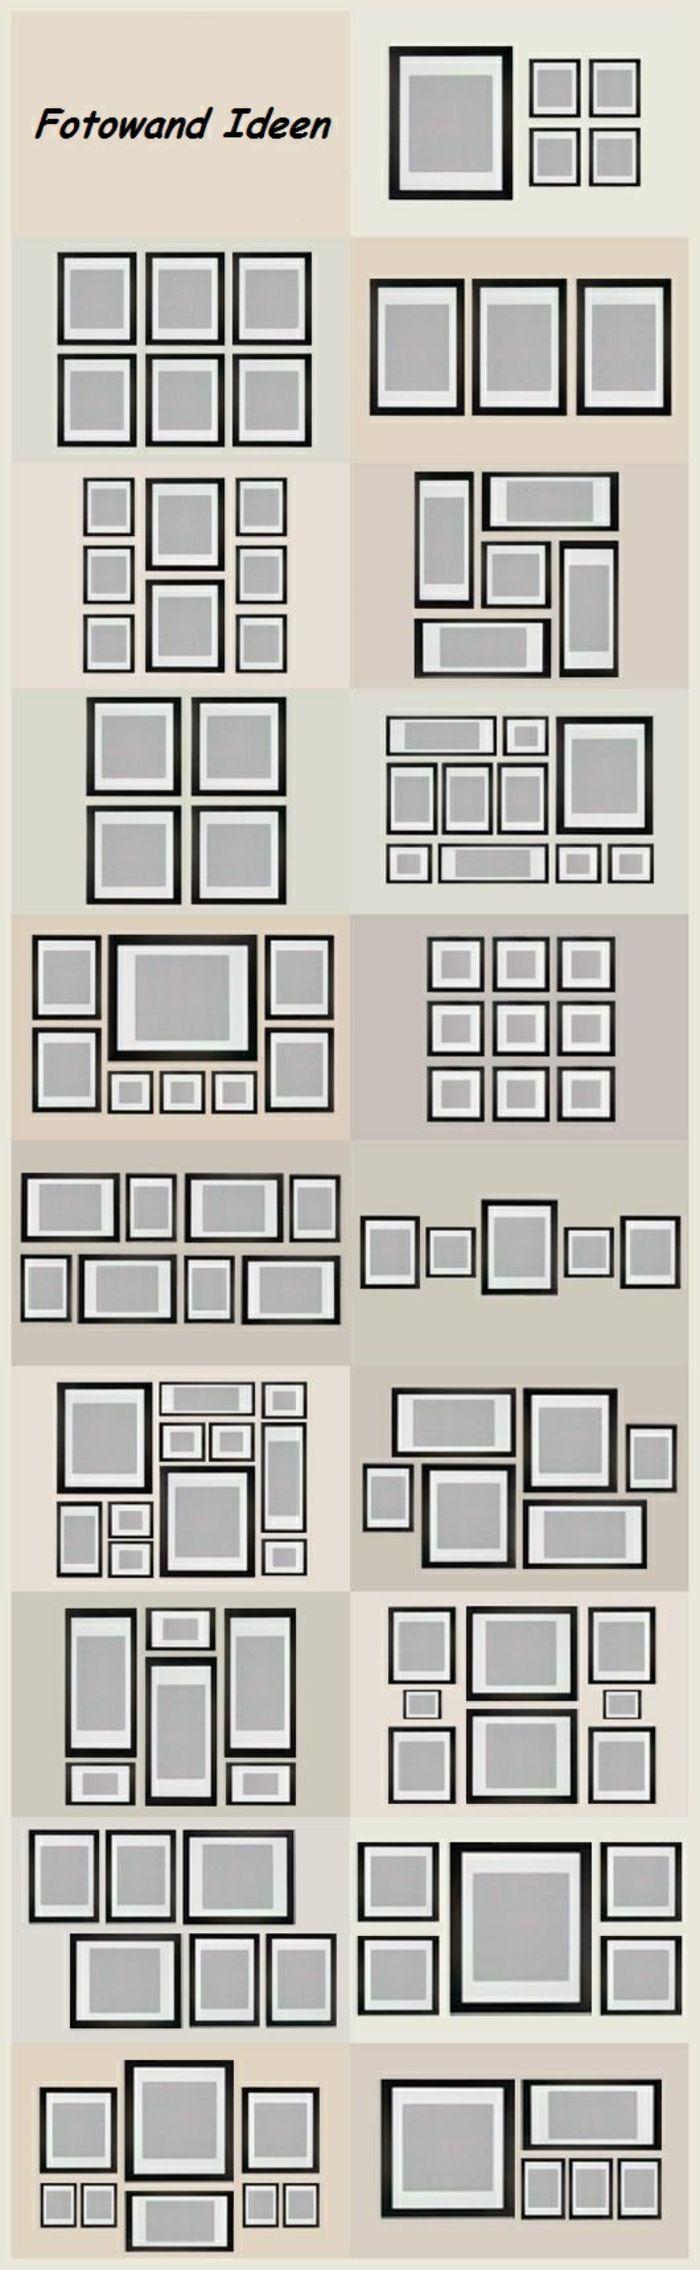 Photo of Fotowand selber machen: Ideen für eine kreative Wandgestaltung